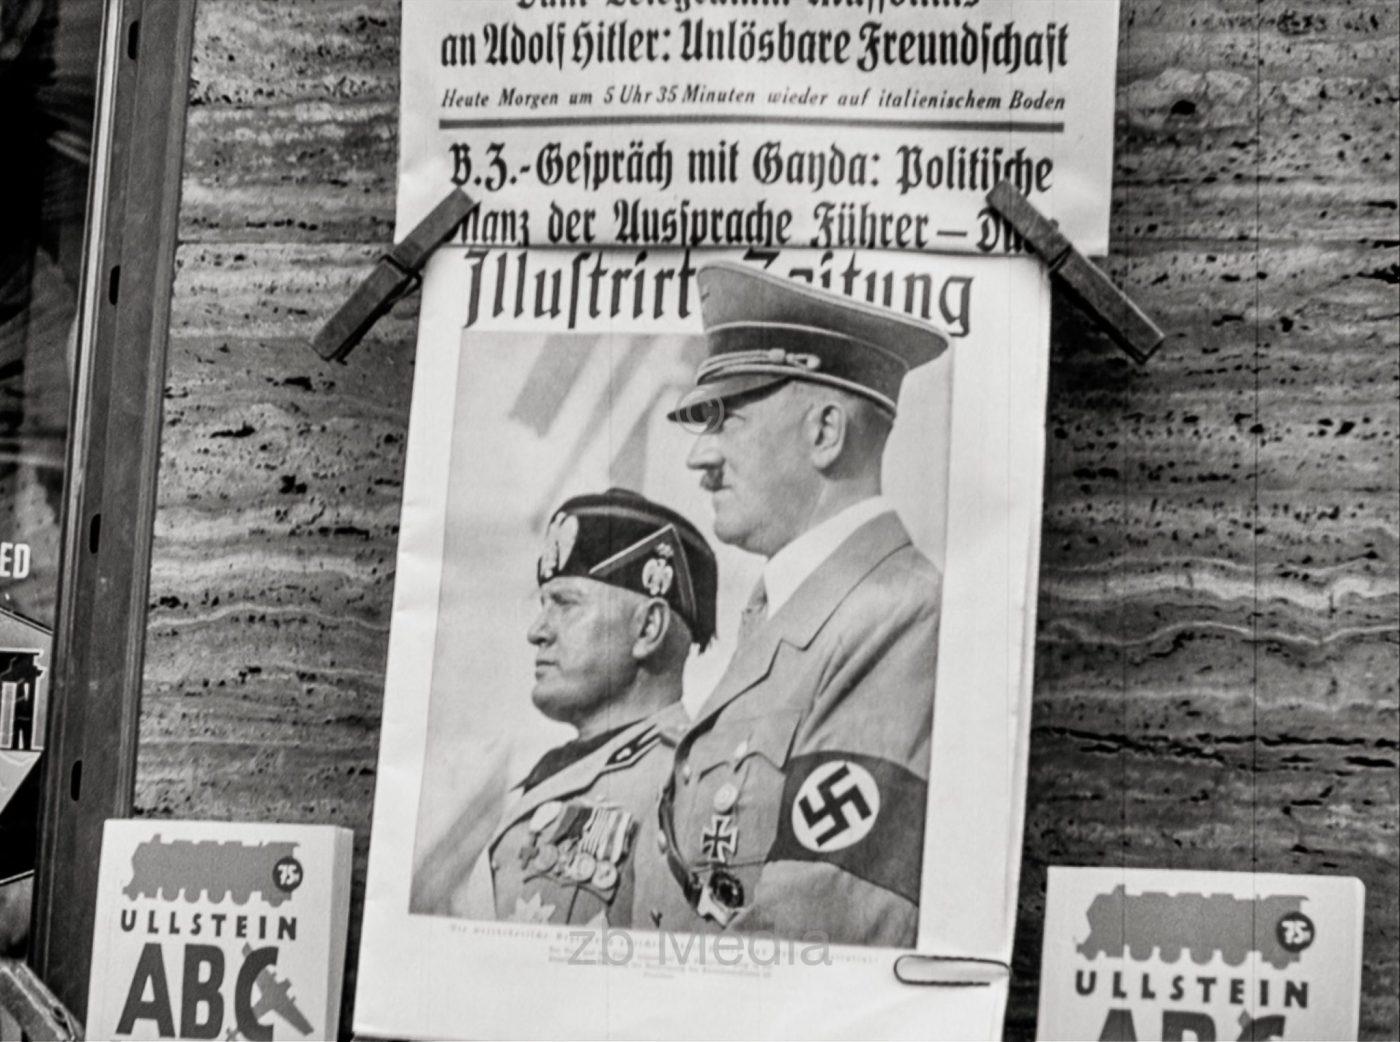 Deutschland 1937, Mussolinibesuch